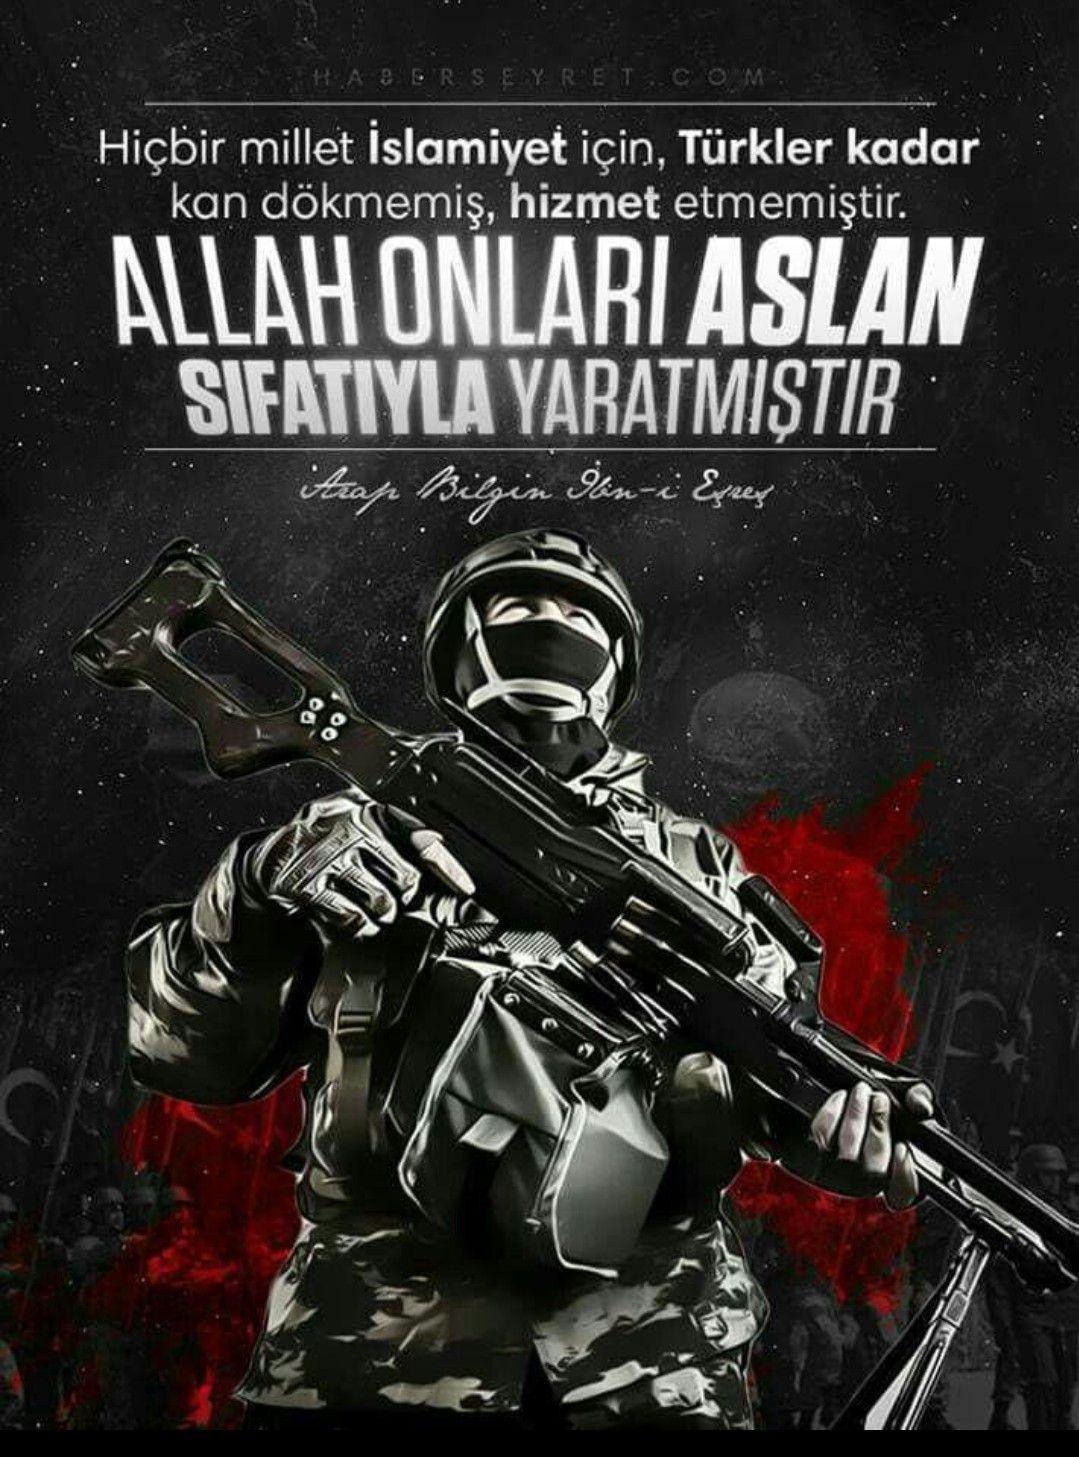 Hiçbir millet islamiyet için Türkler kadar kan dökmemiş hizmet etmemiştir. Allah onları aslan sıfatıyla yaratmıştır. Türk Ordusu İle İlgili Resimli Sözler - Türk Ordusu İle İlgili Resimli Sözler - Türk Ordusu İle İlgili Sözler, resimli-sozler